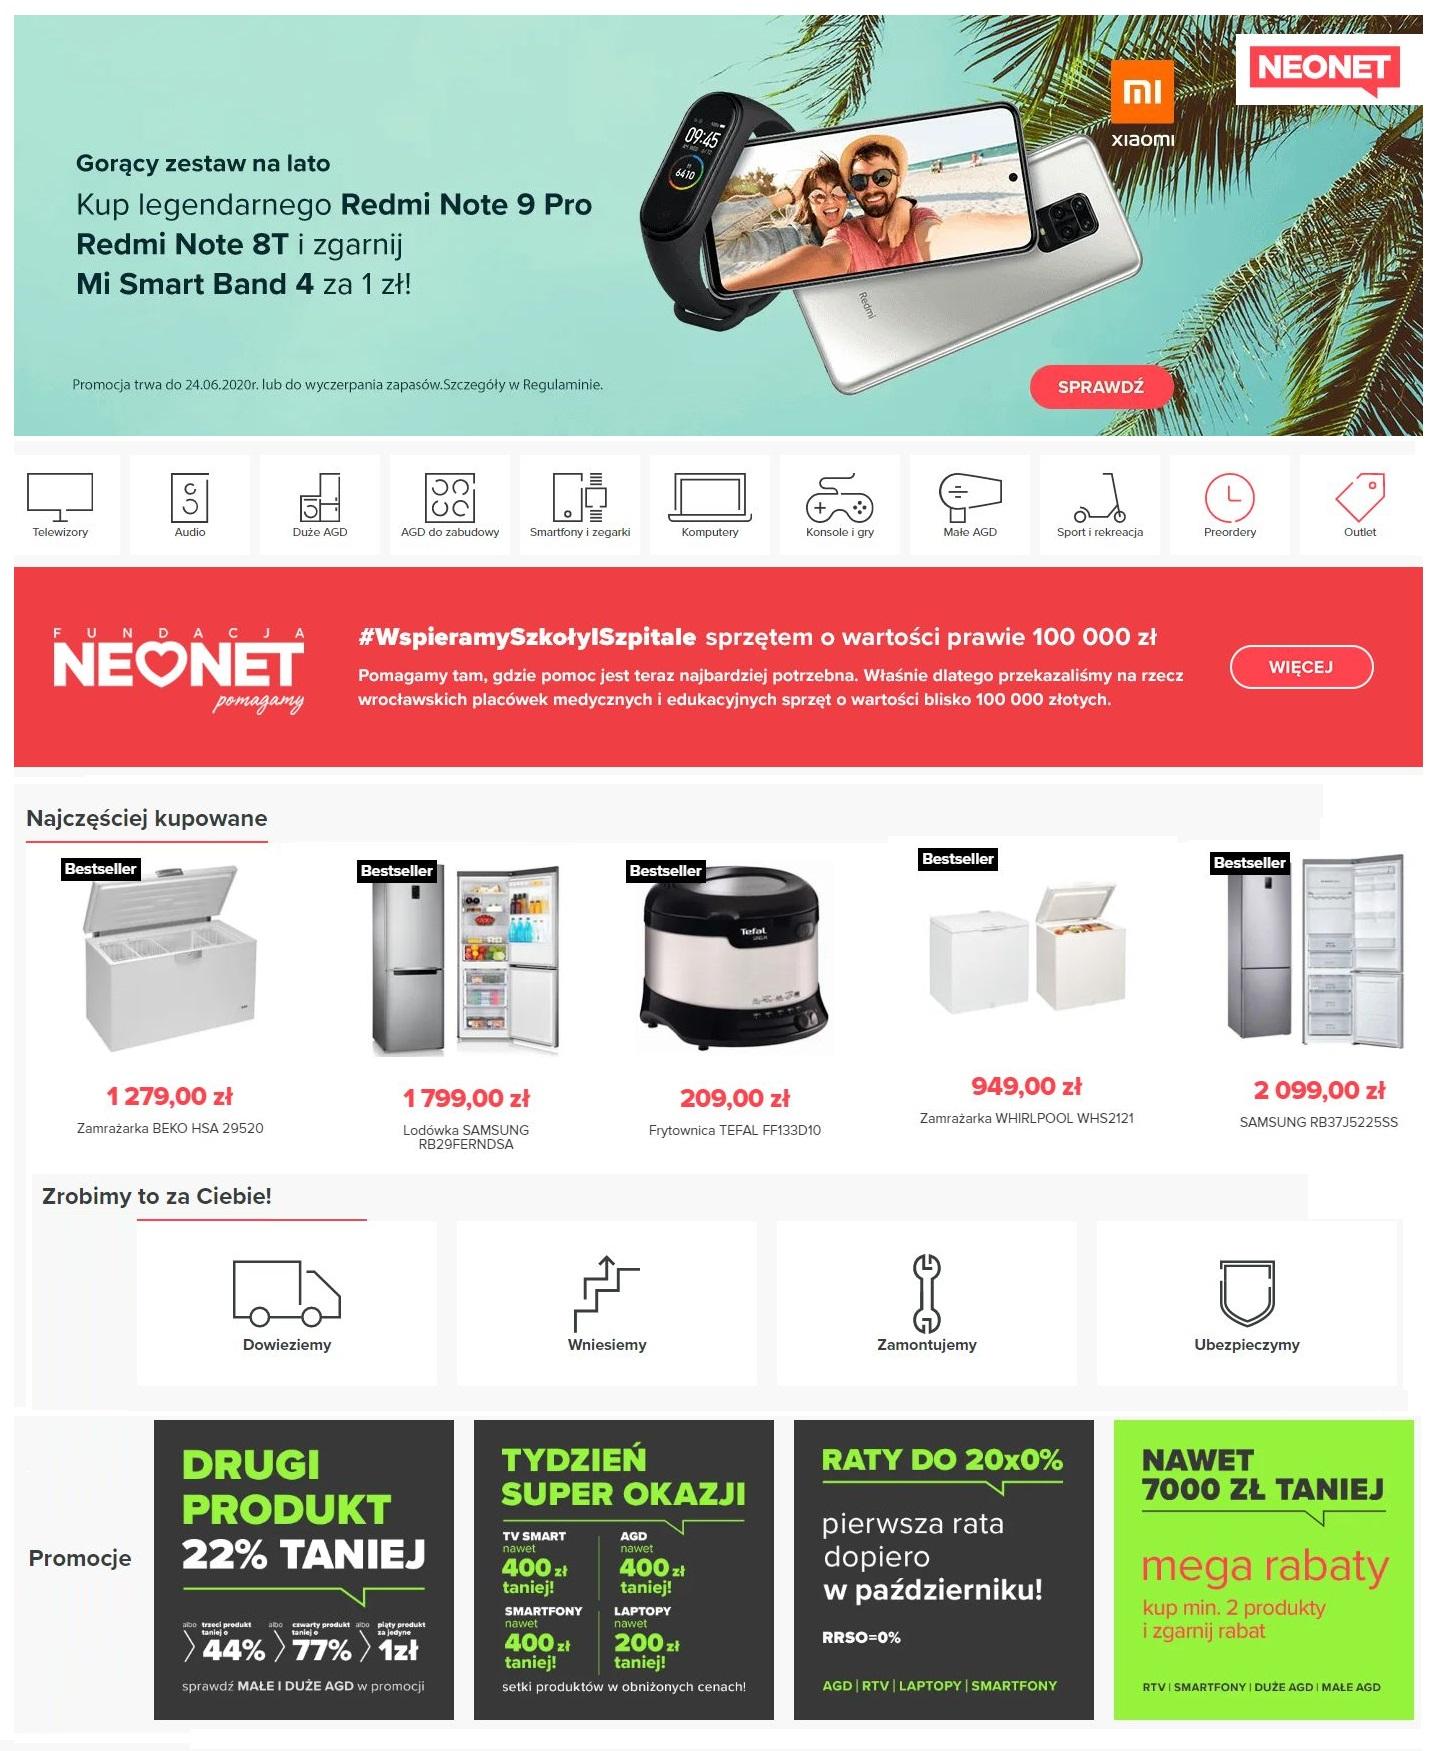 Gazetka promocyjna Neonet - 06.06-12.06.2020